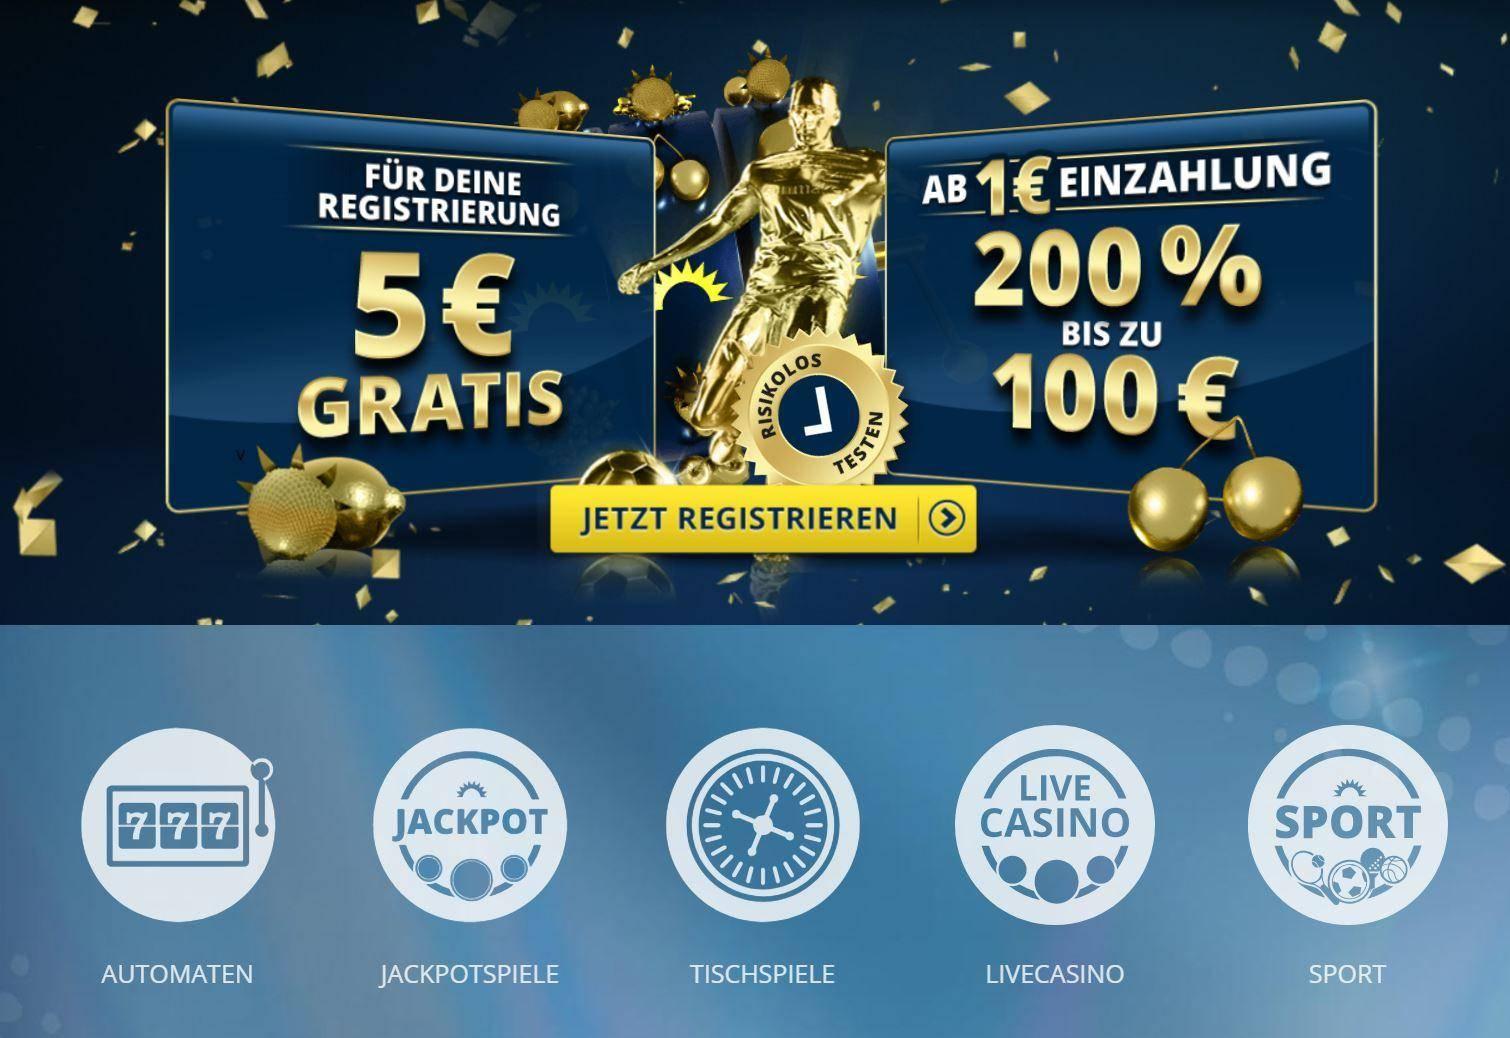 Online Casino Test 2019 Bonus -64173